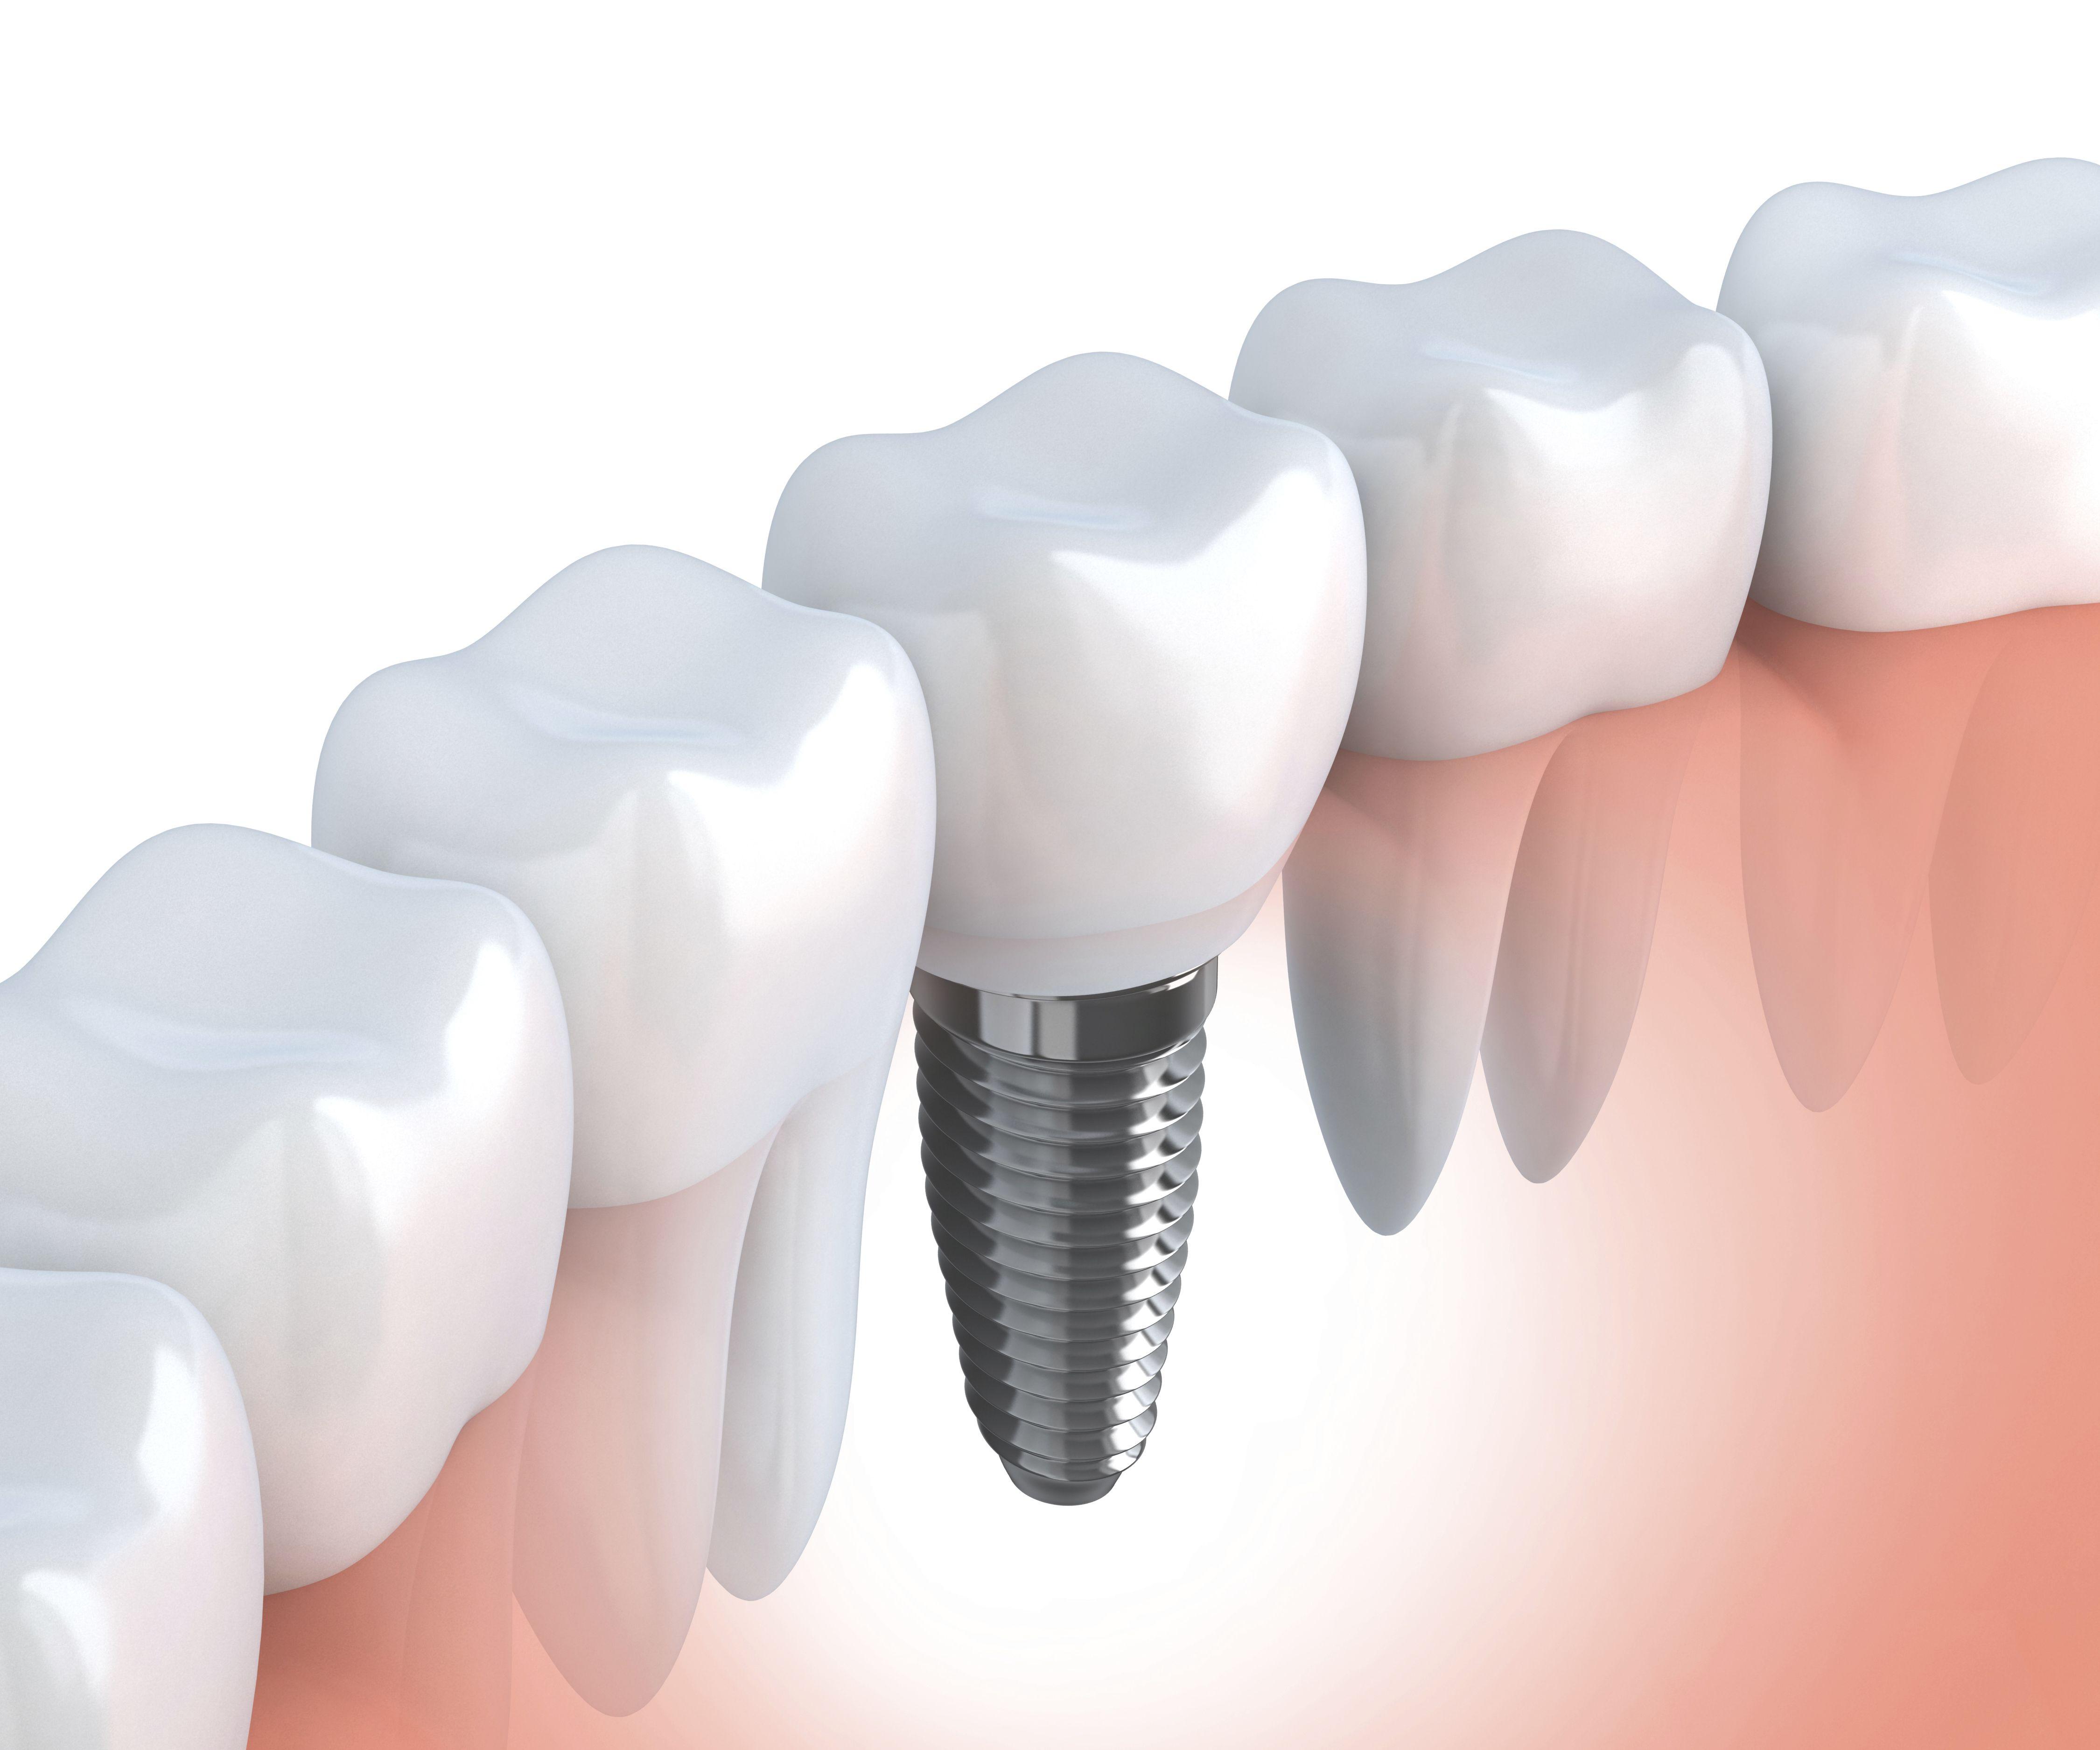 Foto 6 de Clínicas dentales      en Gandía | Clínica Dental Empar Benlloch